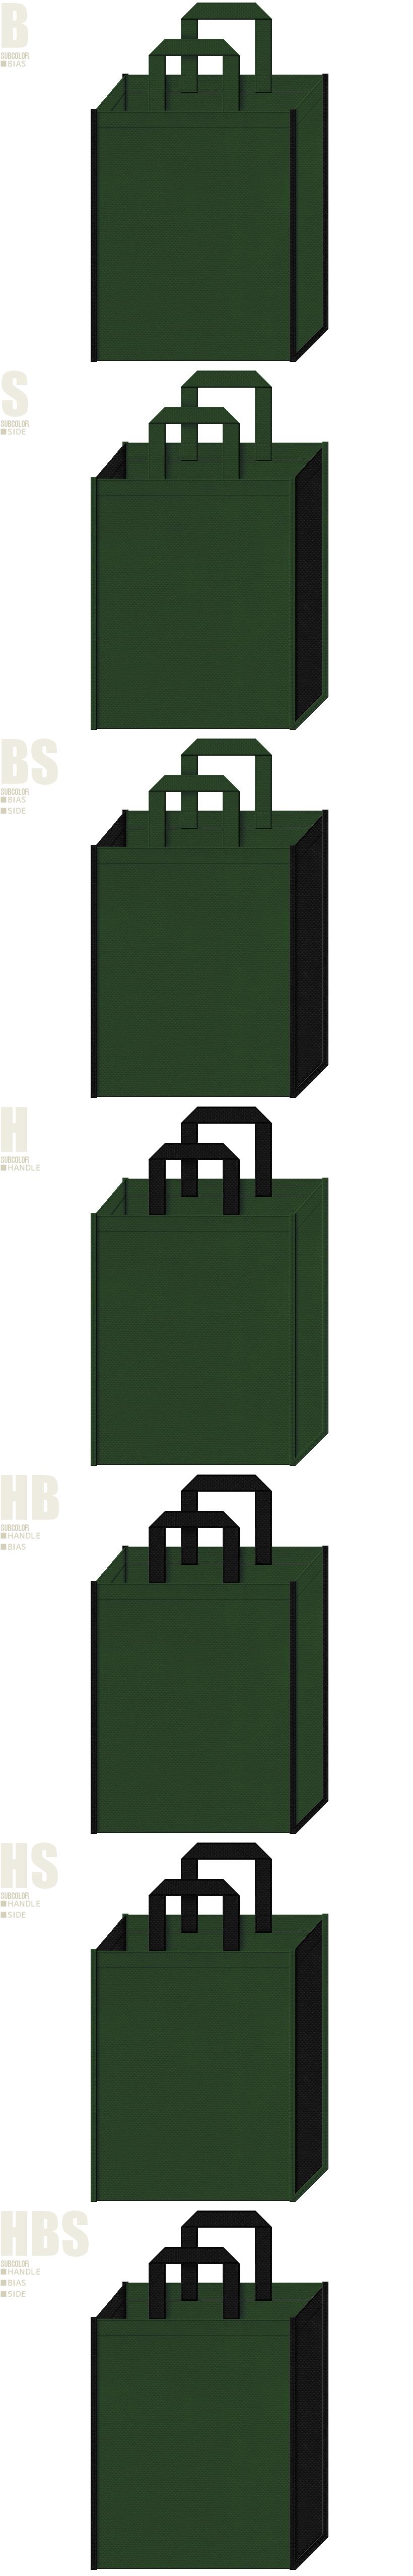 忍者・武道・ゲームの展示会用バッグにお奨めの不織布バッグデザイン:濃緑色と黒色の不織布バッグ配色7パターン。